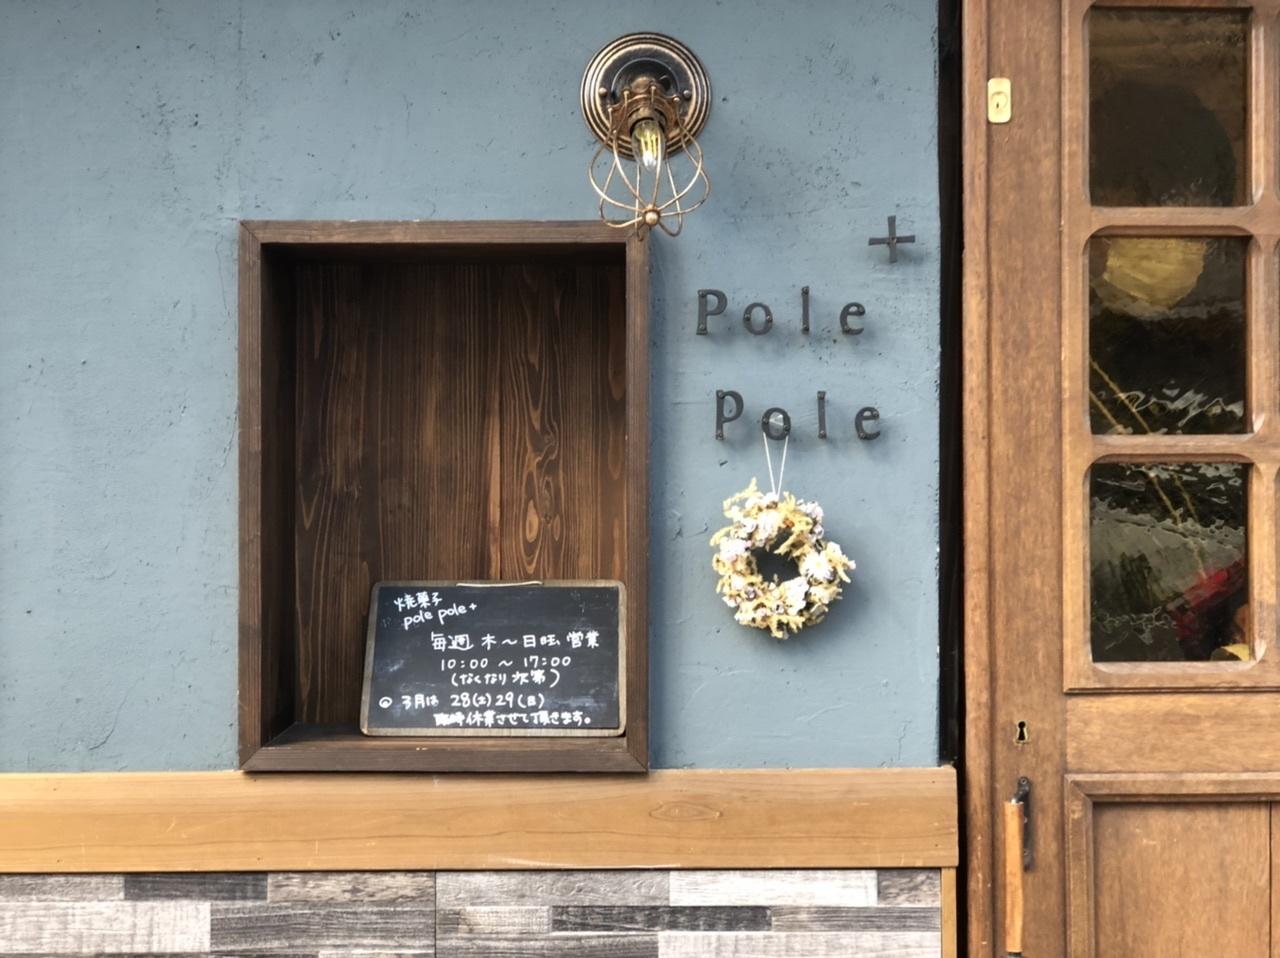 polepole+オープンおめでとう♡3月8日(日)open@三宿_a0157409_22522052.jpeg